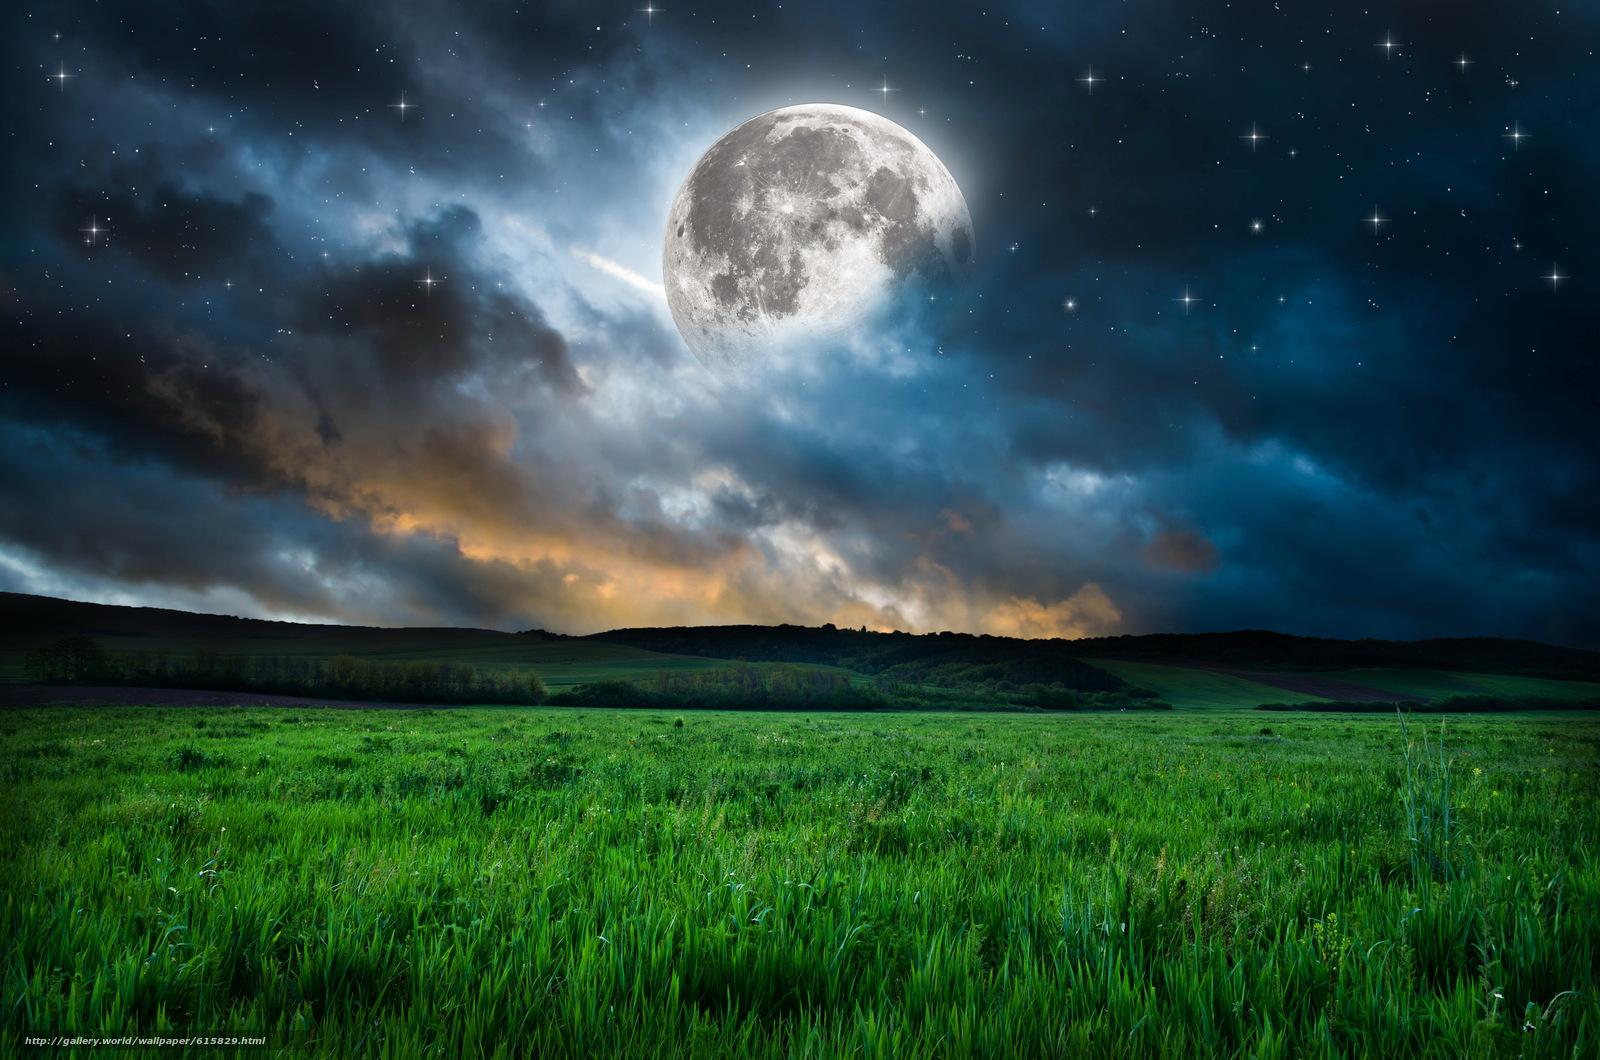 tlcharger fond d 39 ecran lune ciel toile nuages fonds d 39 ecran gratuits pour votre rsolution du. Black Bedroom Furniture Sets. Home Design Ideas